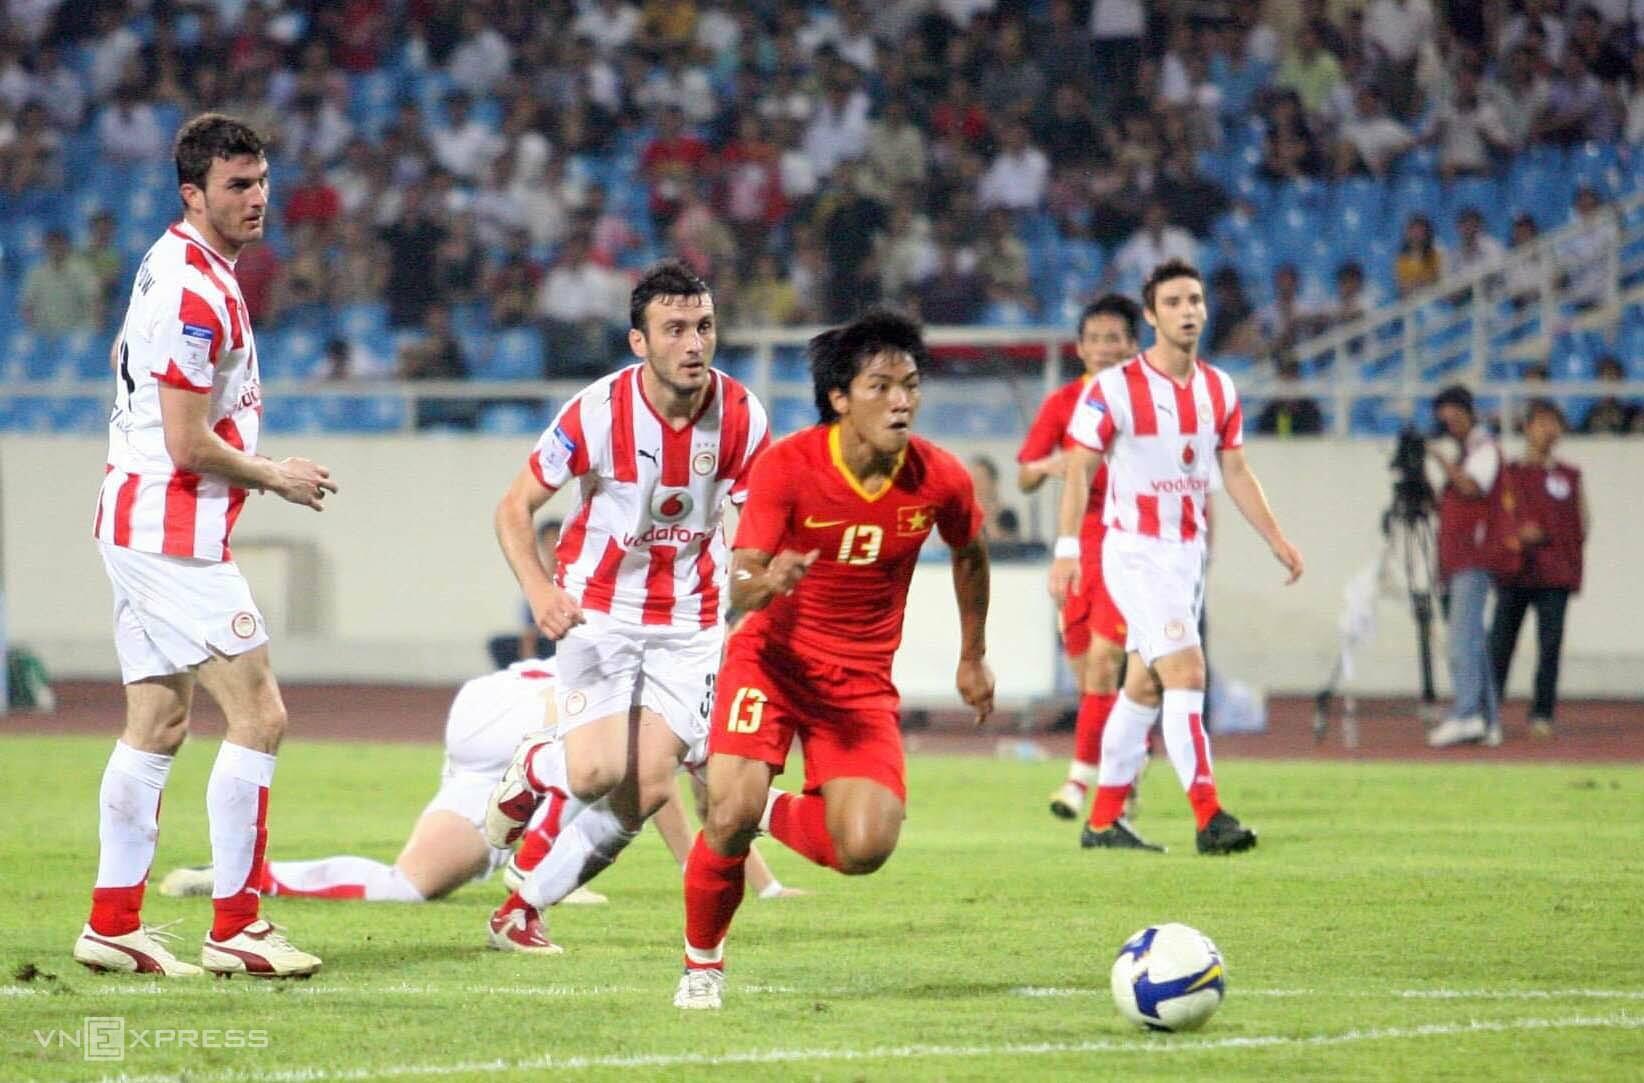 Nguyễn Quang Hải có tám năm khoác áo tuyển Việt Nam, từng vô địch AFF Cup 2008. Ảnh: Đức Đồng